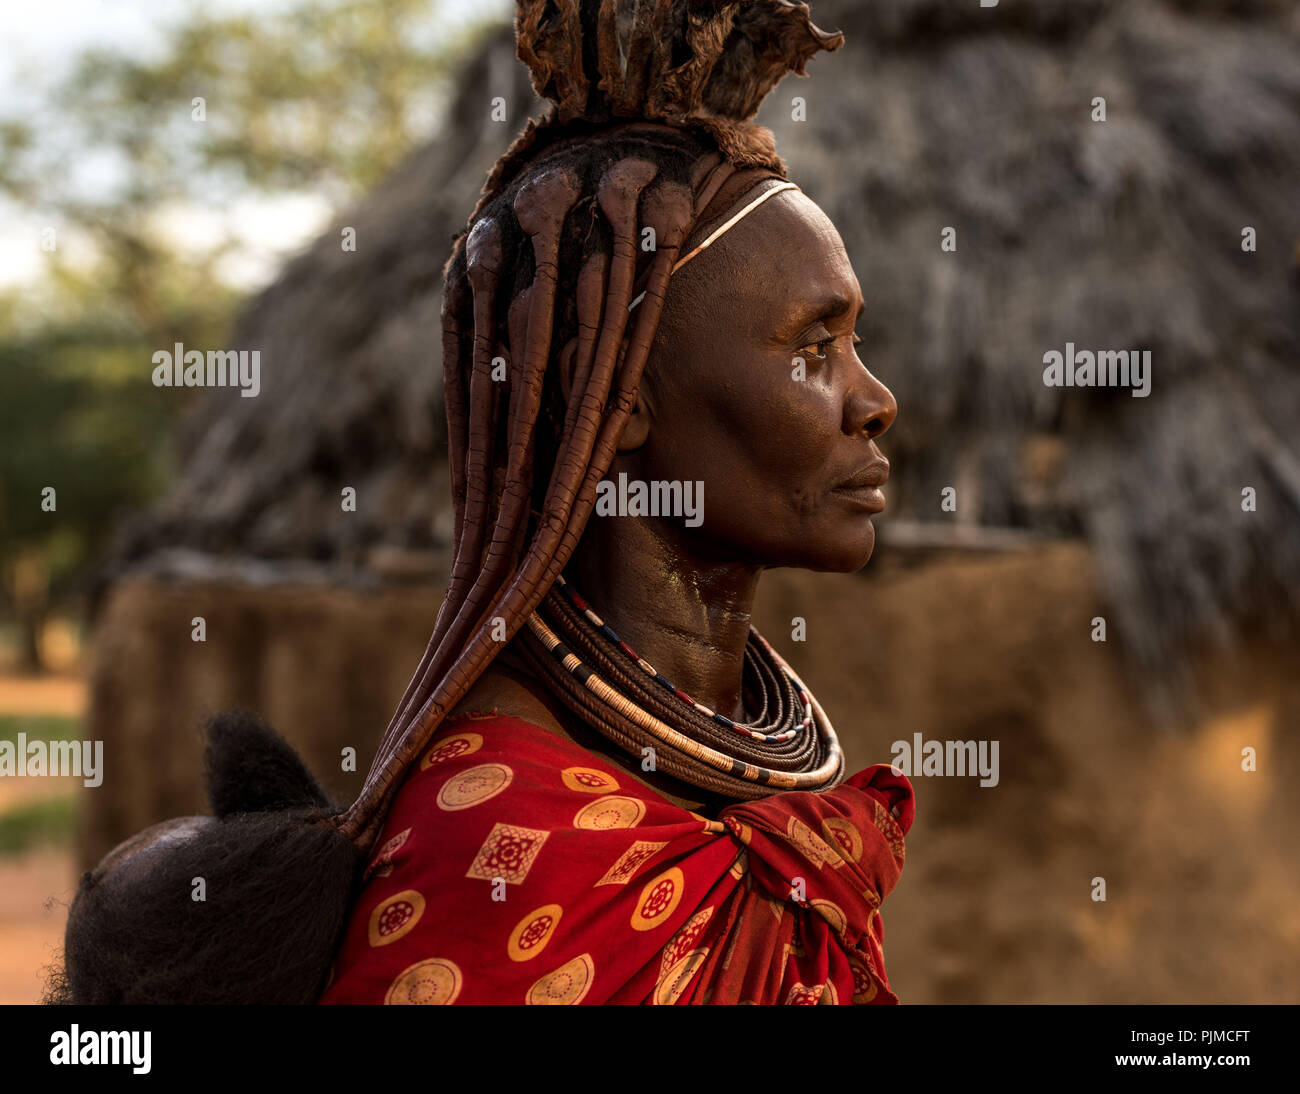 Ritratto di una donna Himba nell'ultima luce del sole, profilo laterale. Il bambino sulla schiena è solo visibile Immagini Stock